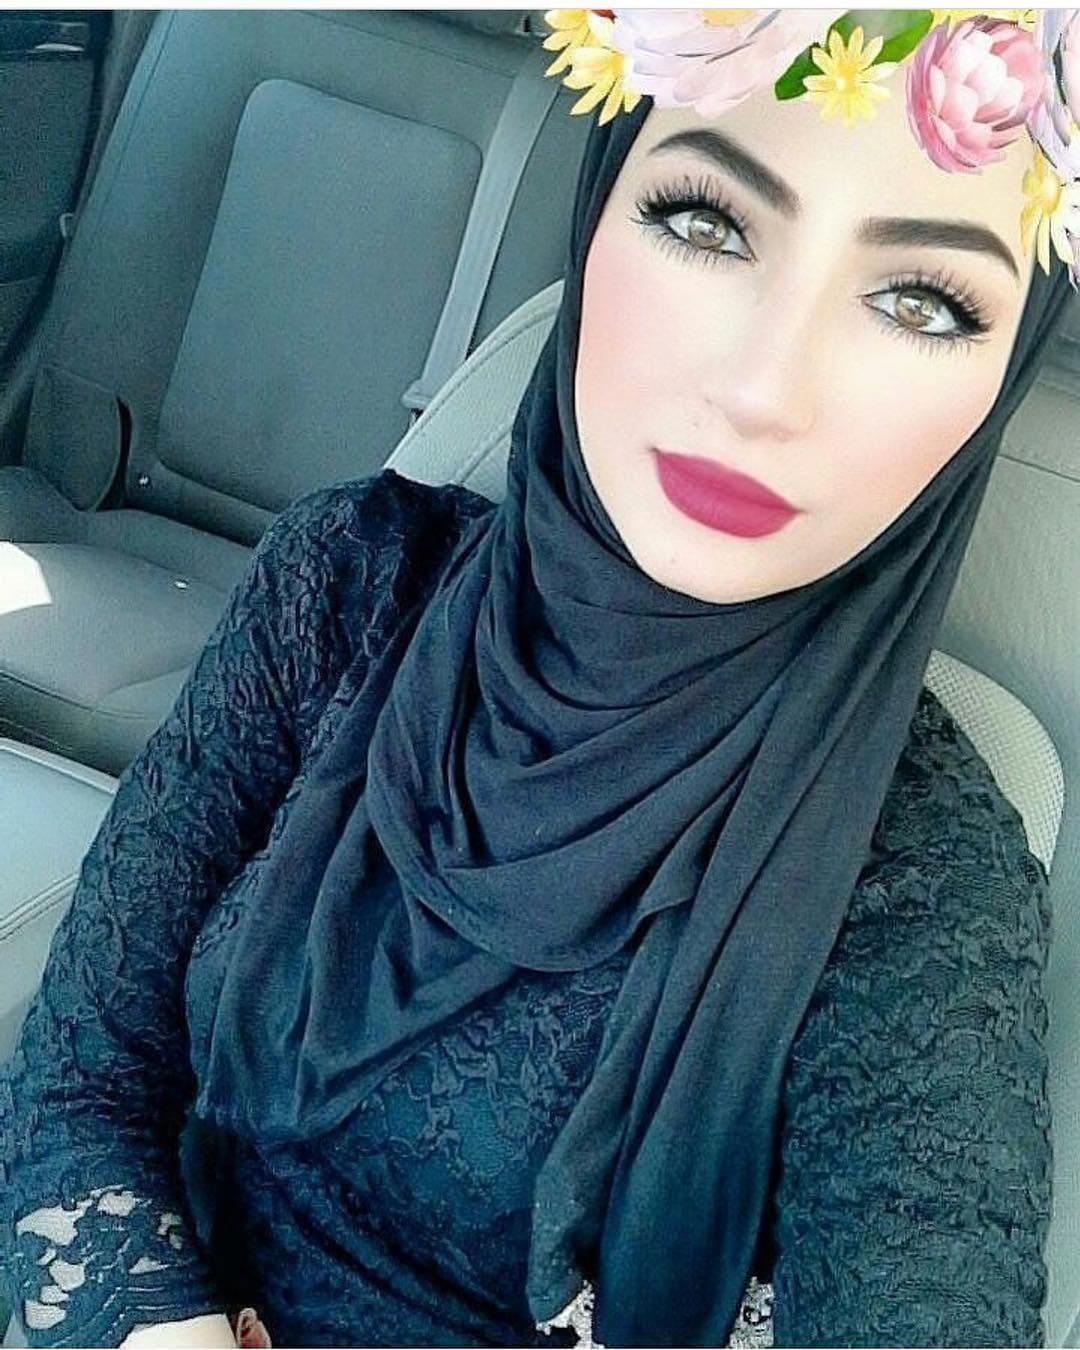 صورة بنات خليجيات , الخليجية وجمالها وحلاوتها تدوب قلوب 3067 7